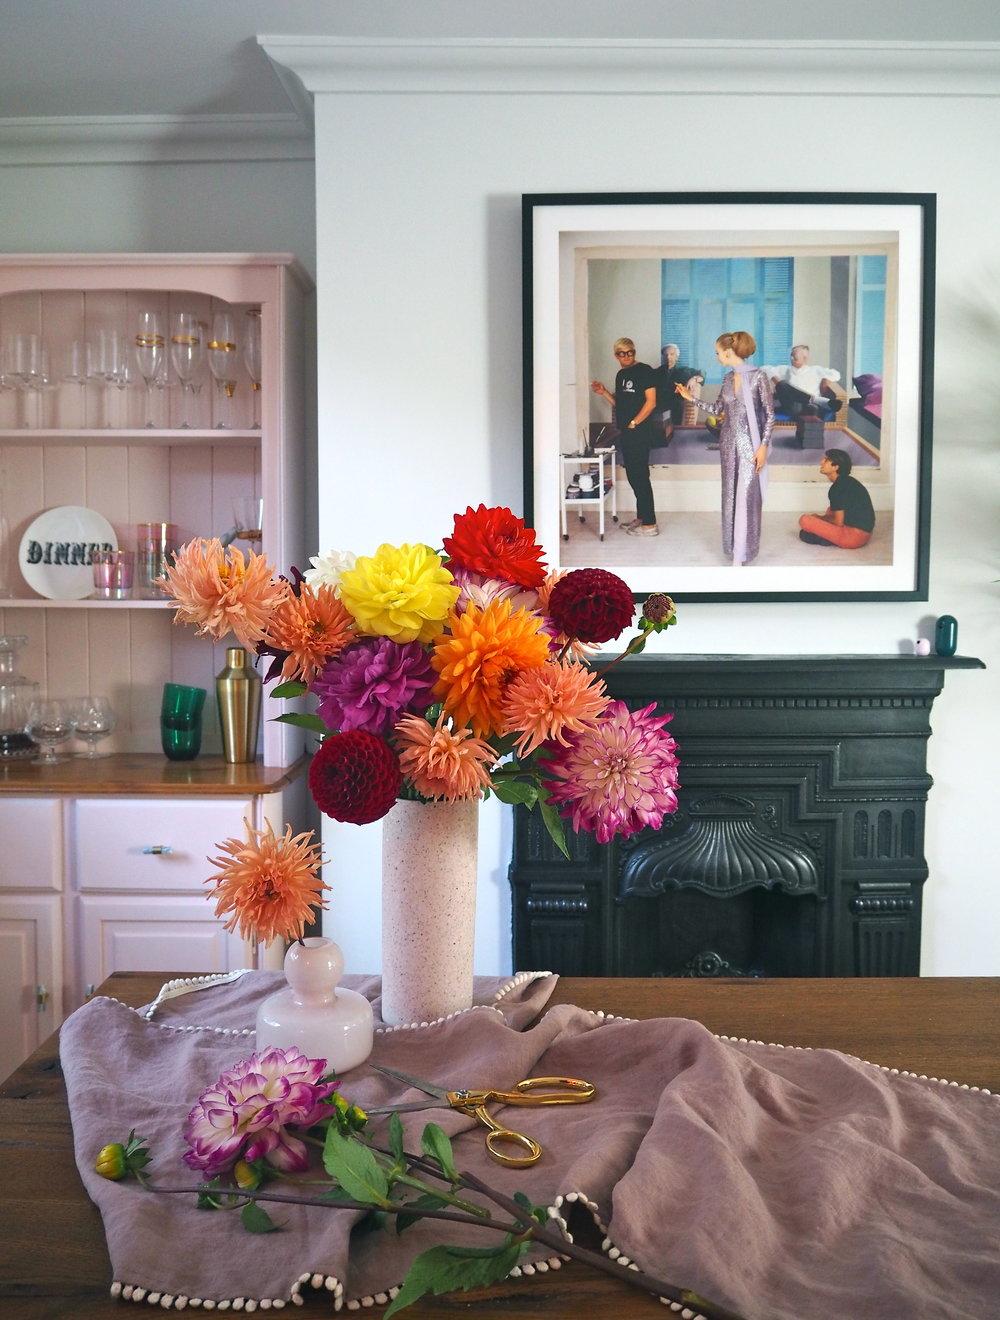 Sanderson dining room